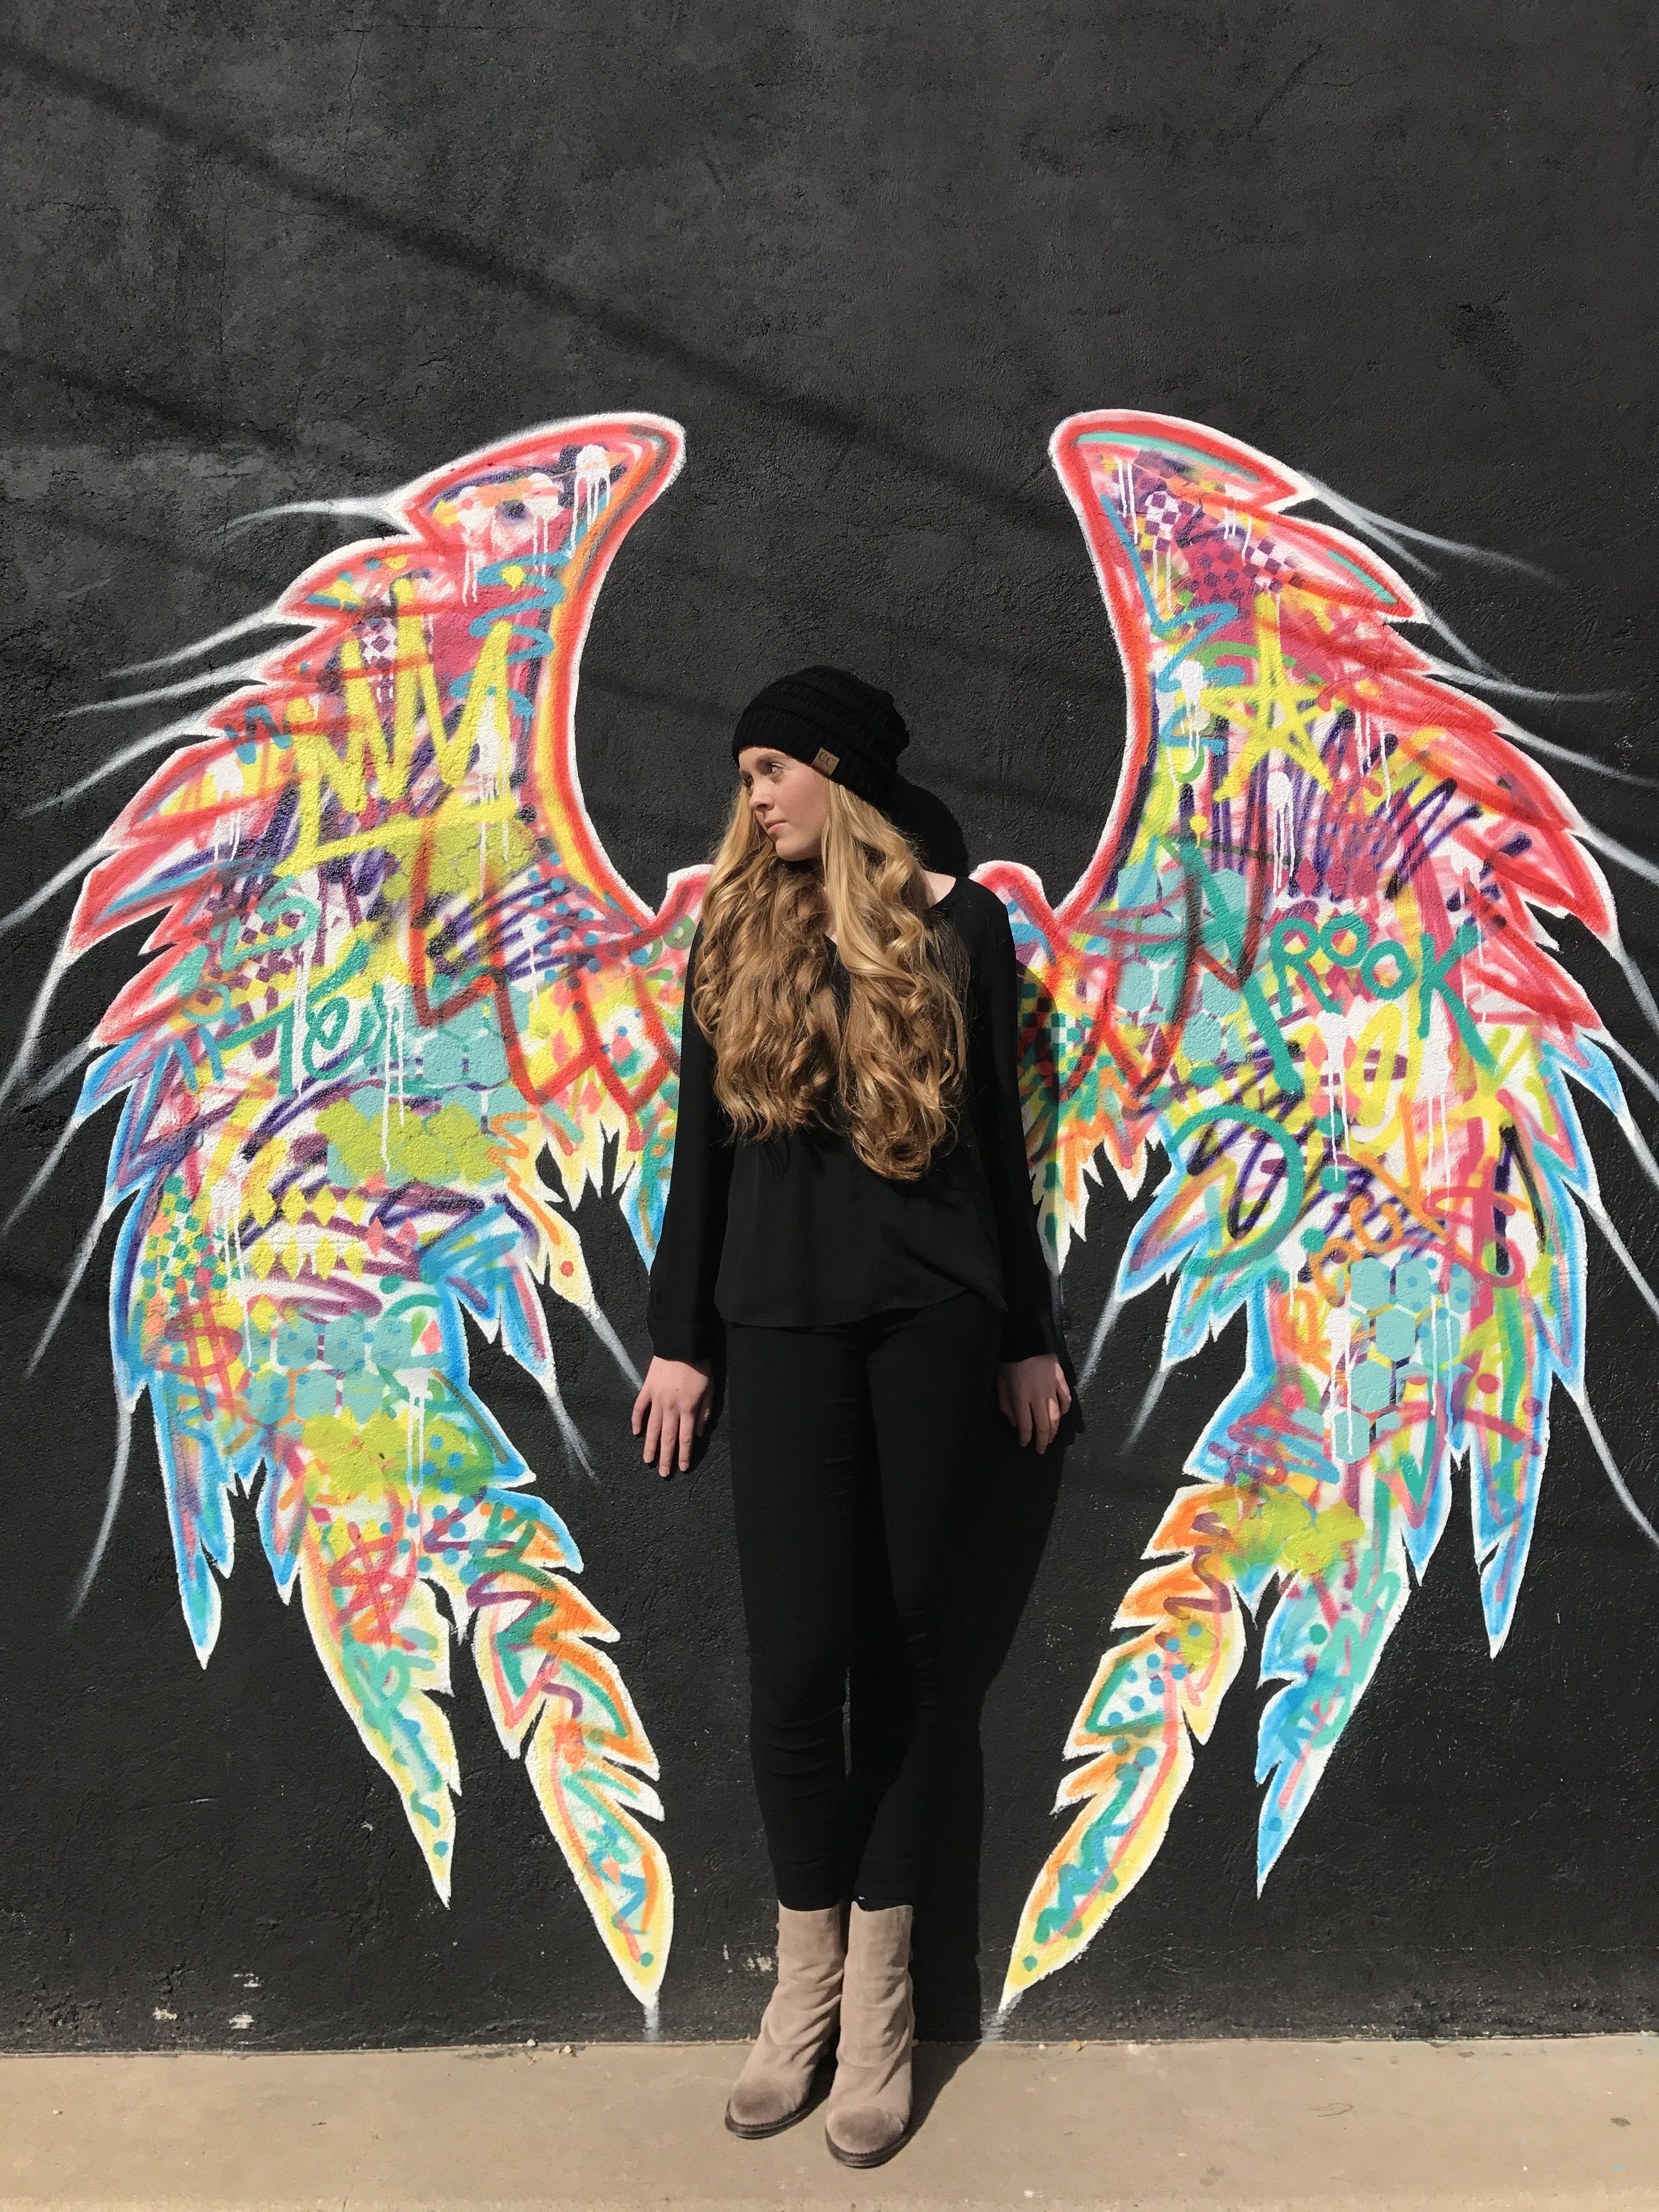 Graffiti Angel Wings Mural